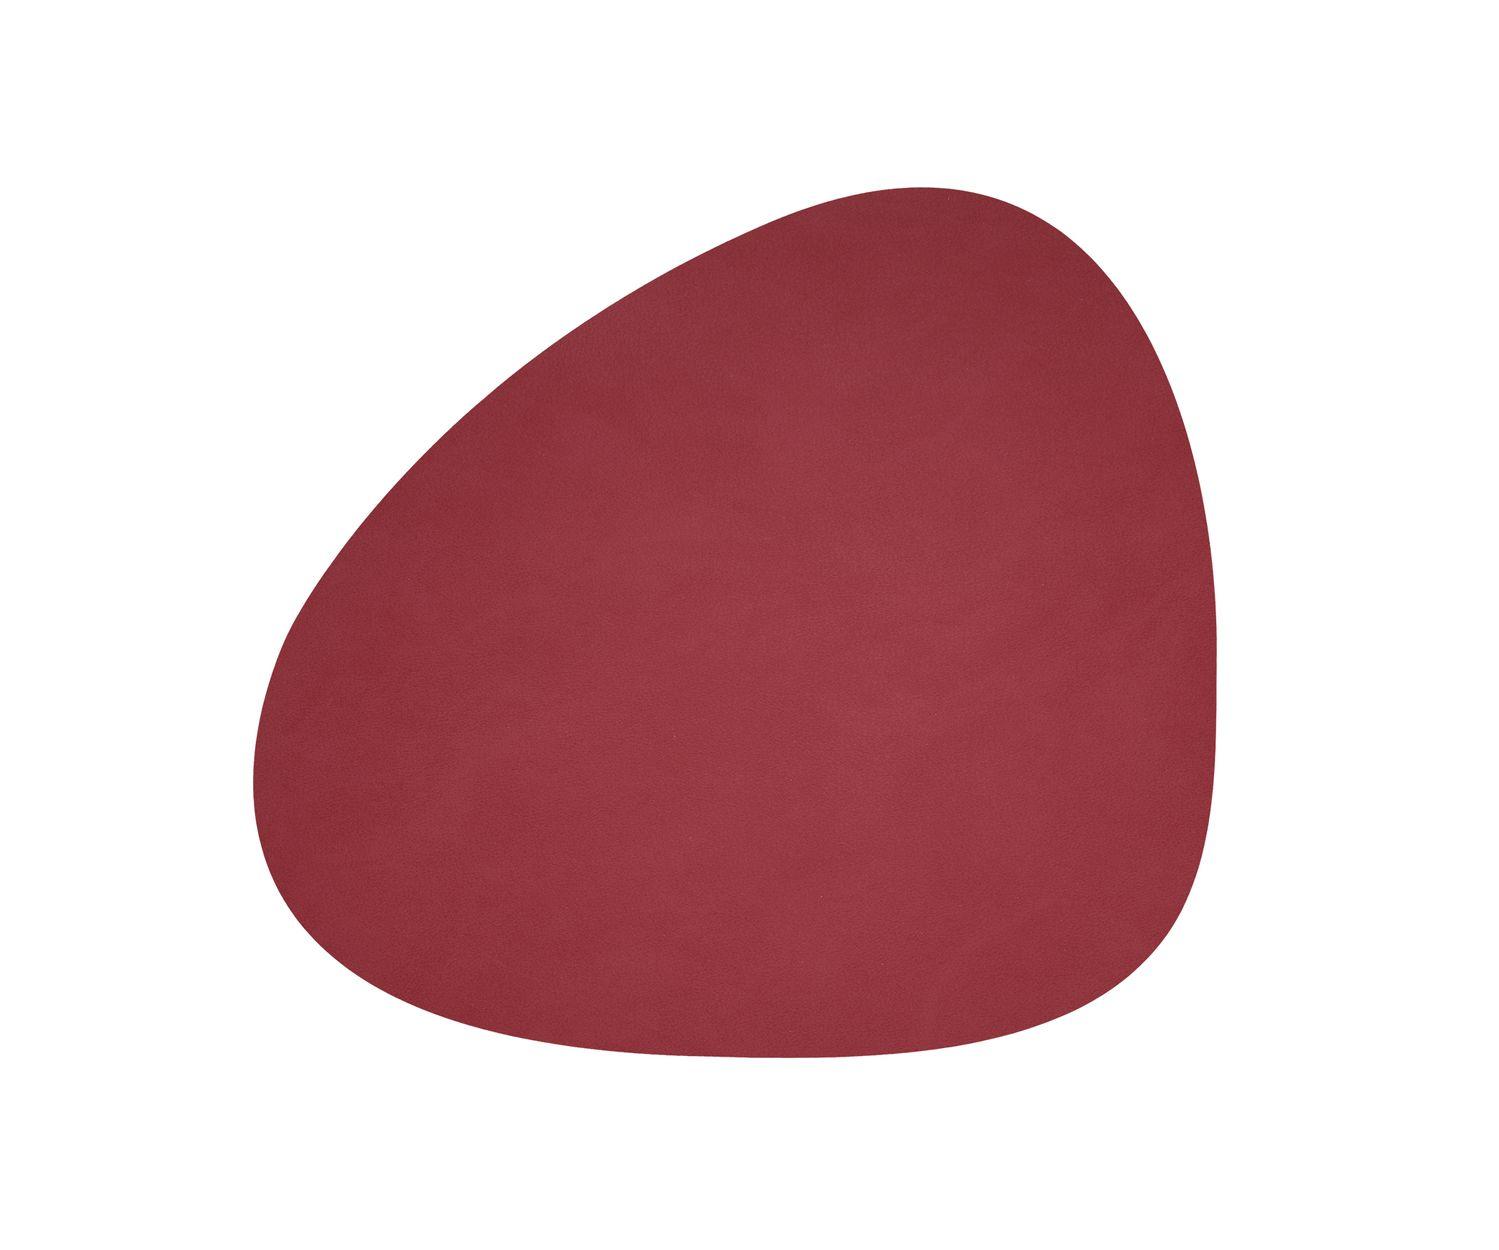 Lind Dna Tischset Curve L, Nupo Red – Bild 1